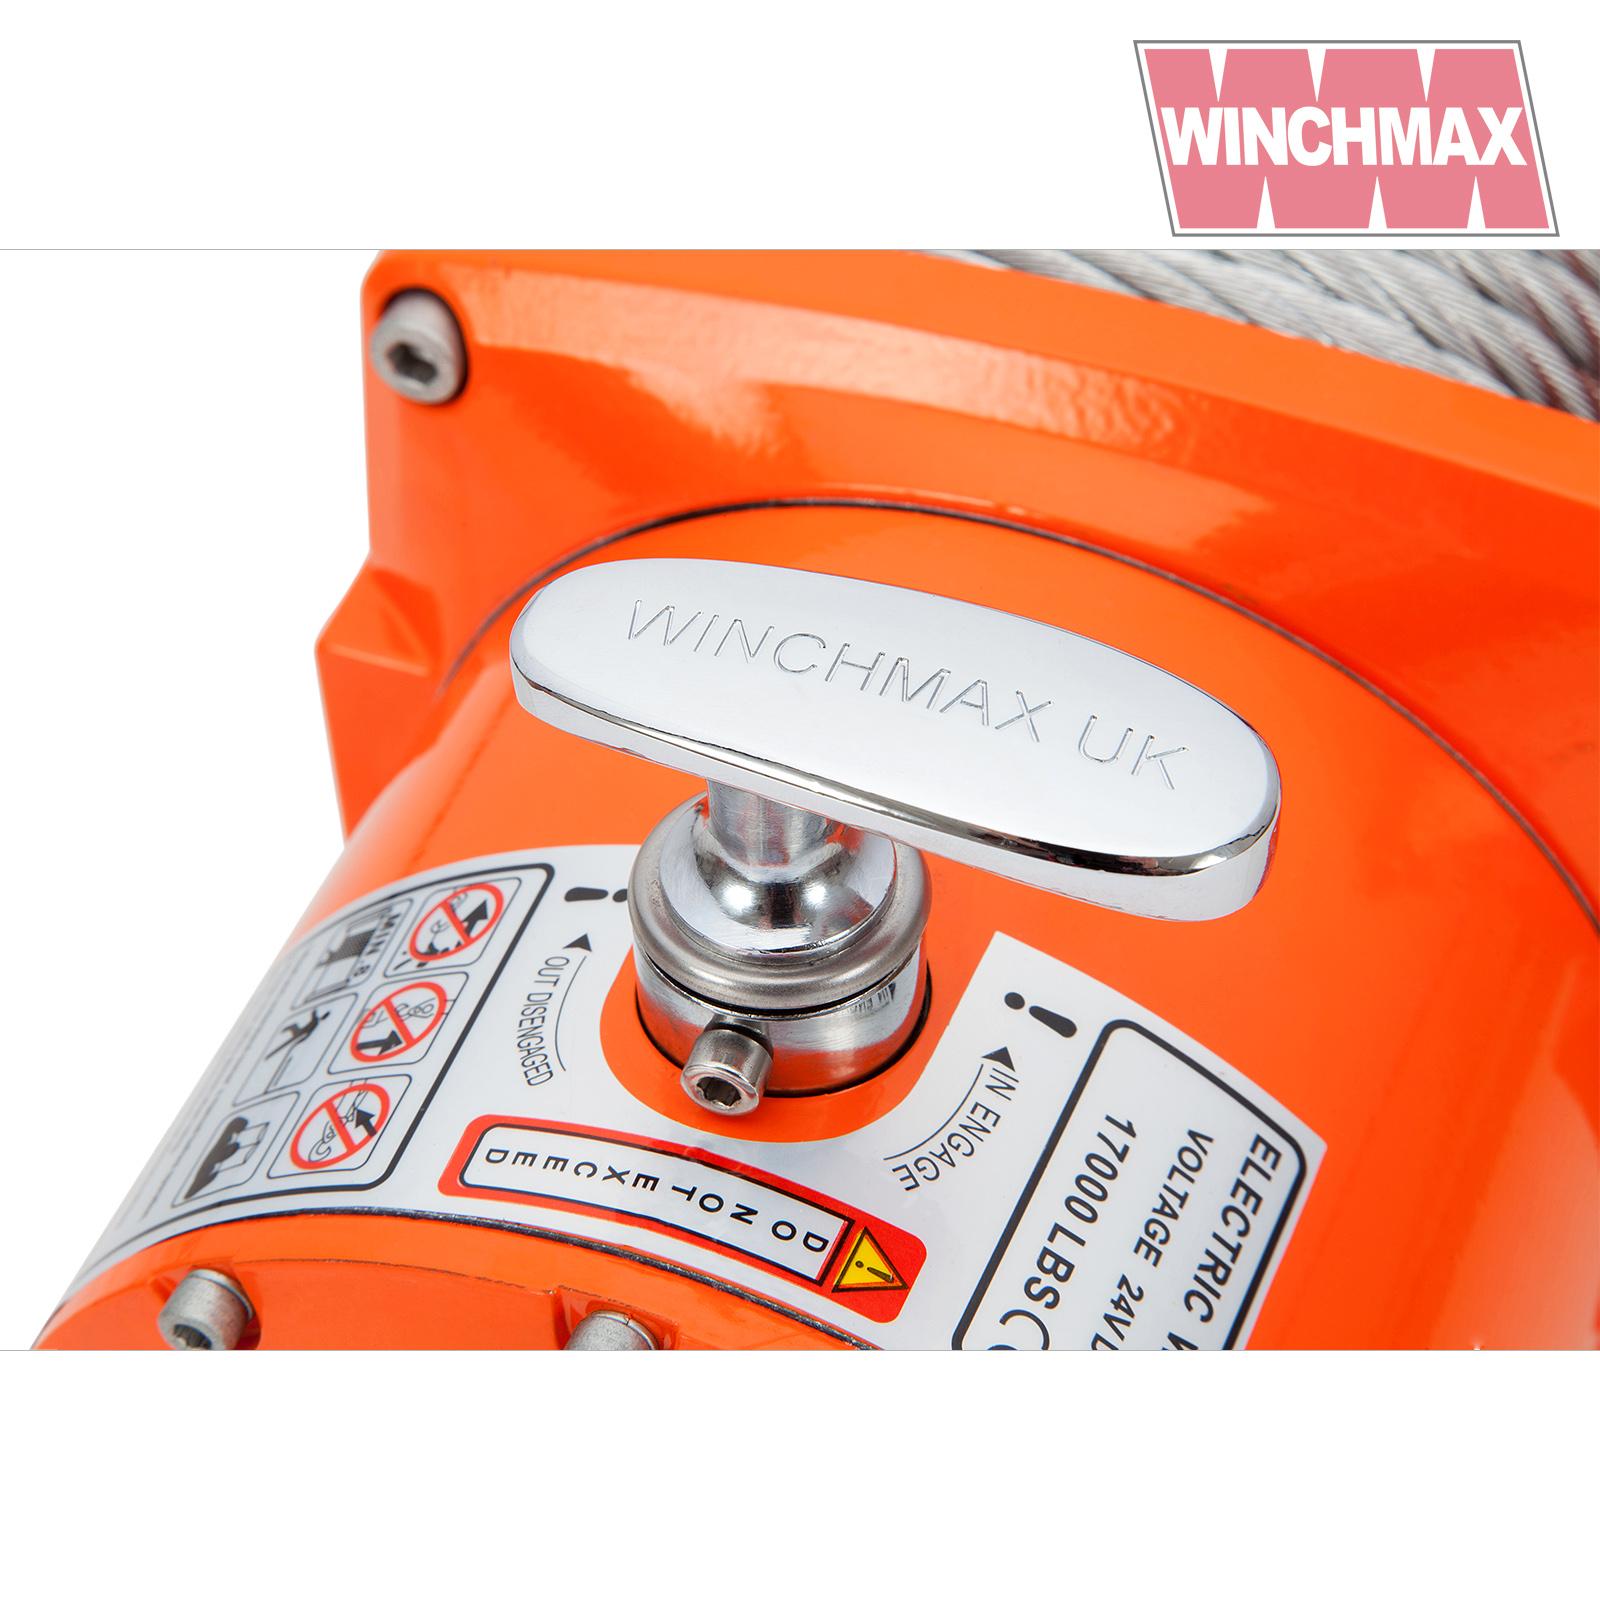 Wm1700024vr winchmax 309